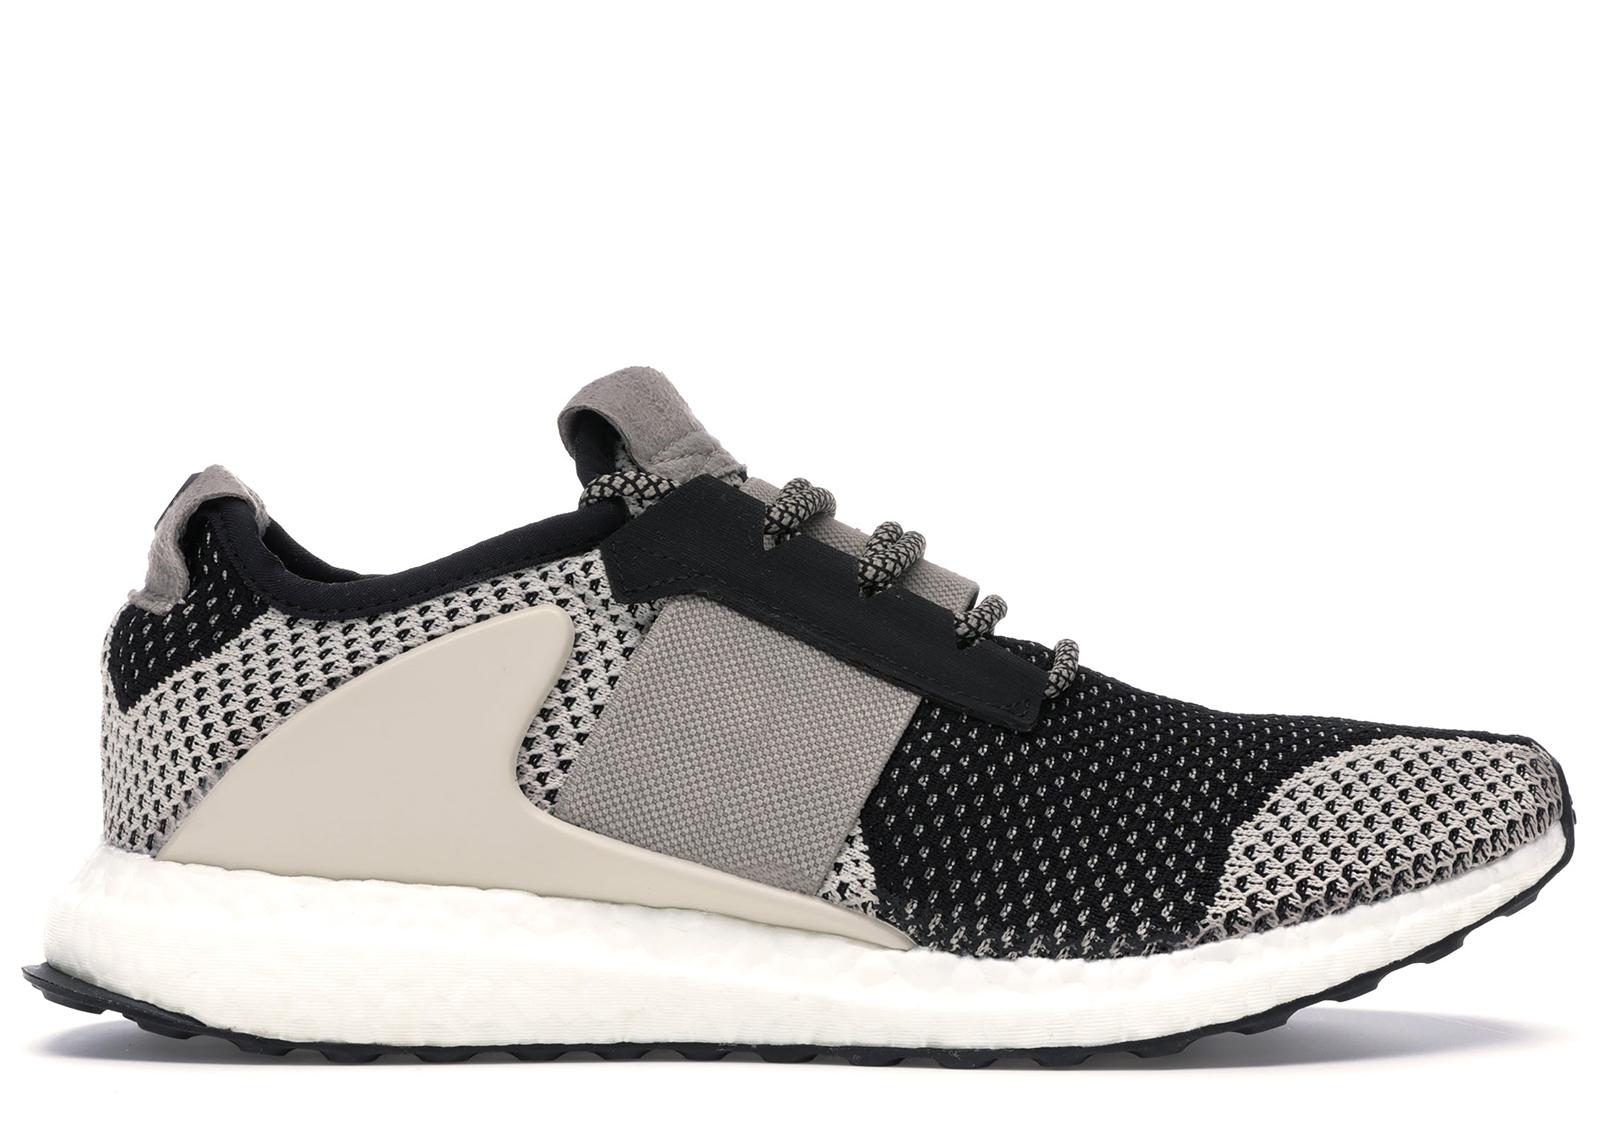 Adidas Dragon Wolf Grey Black Clear Brown Trainers | adidas